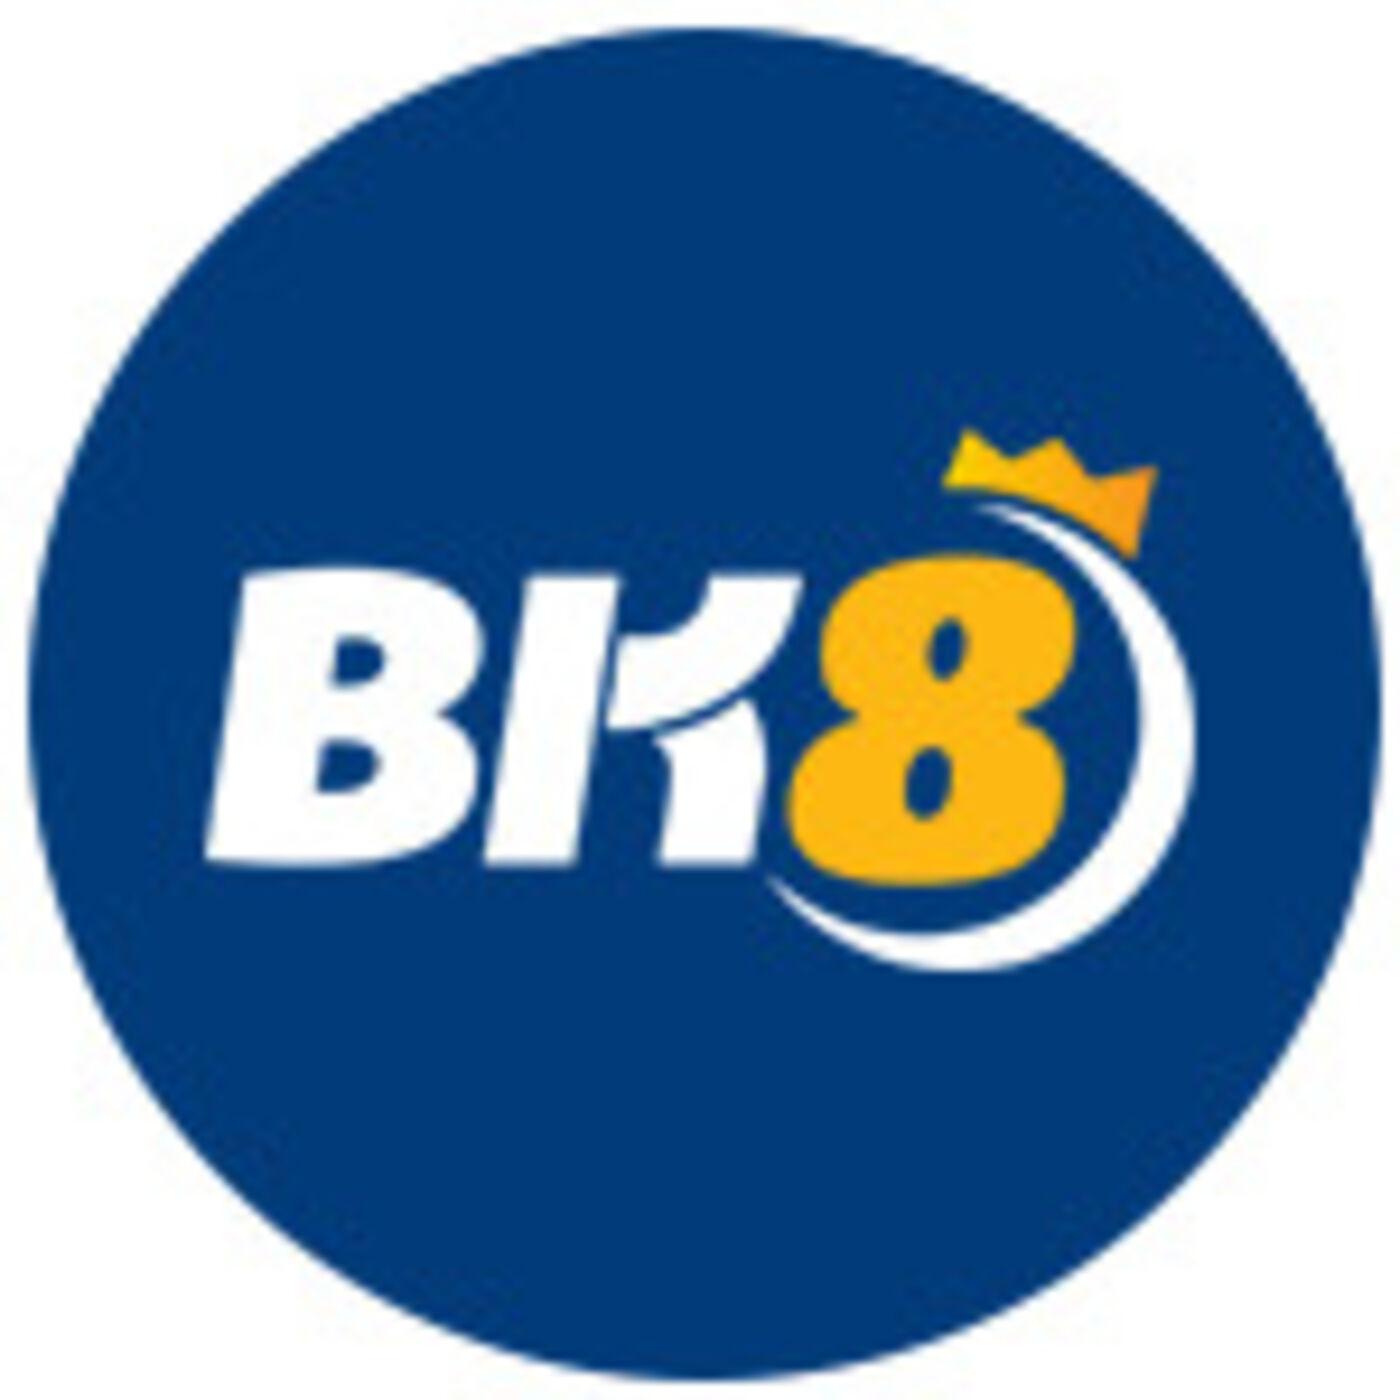 Nha cai BK8 - Link vao nha cai BK8